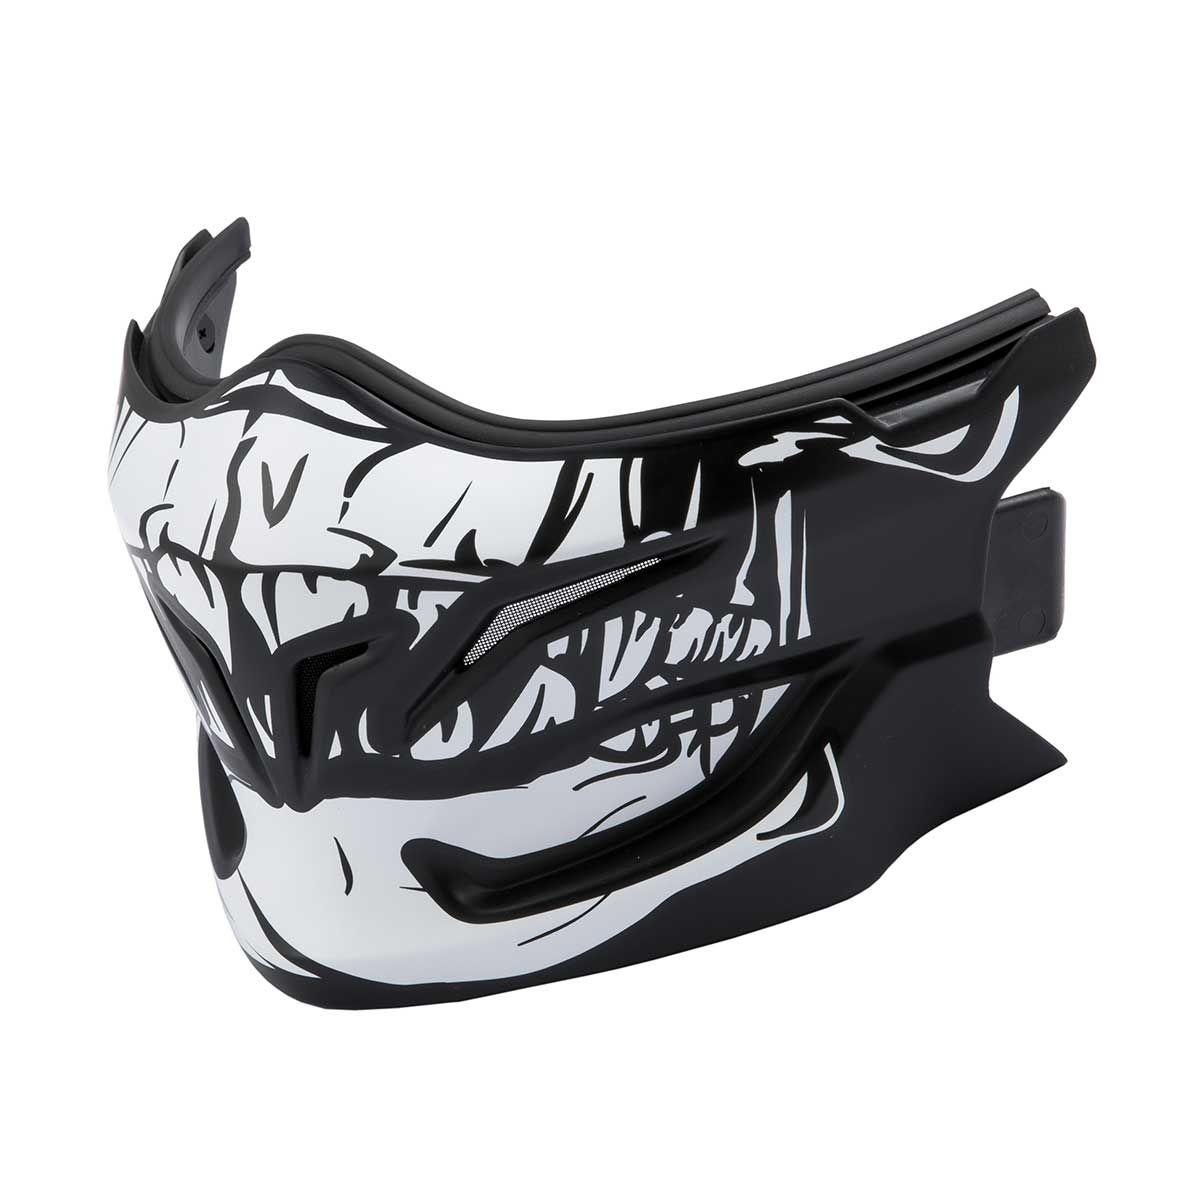 Scorpion Masks voor de Scorpion EXO-Combat Jethelm-Skull